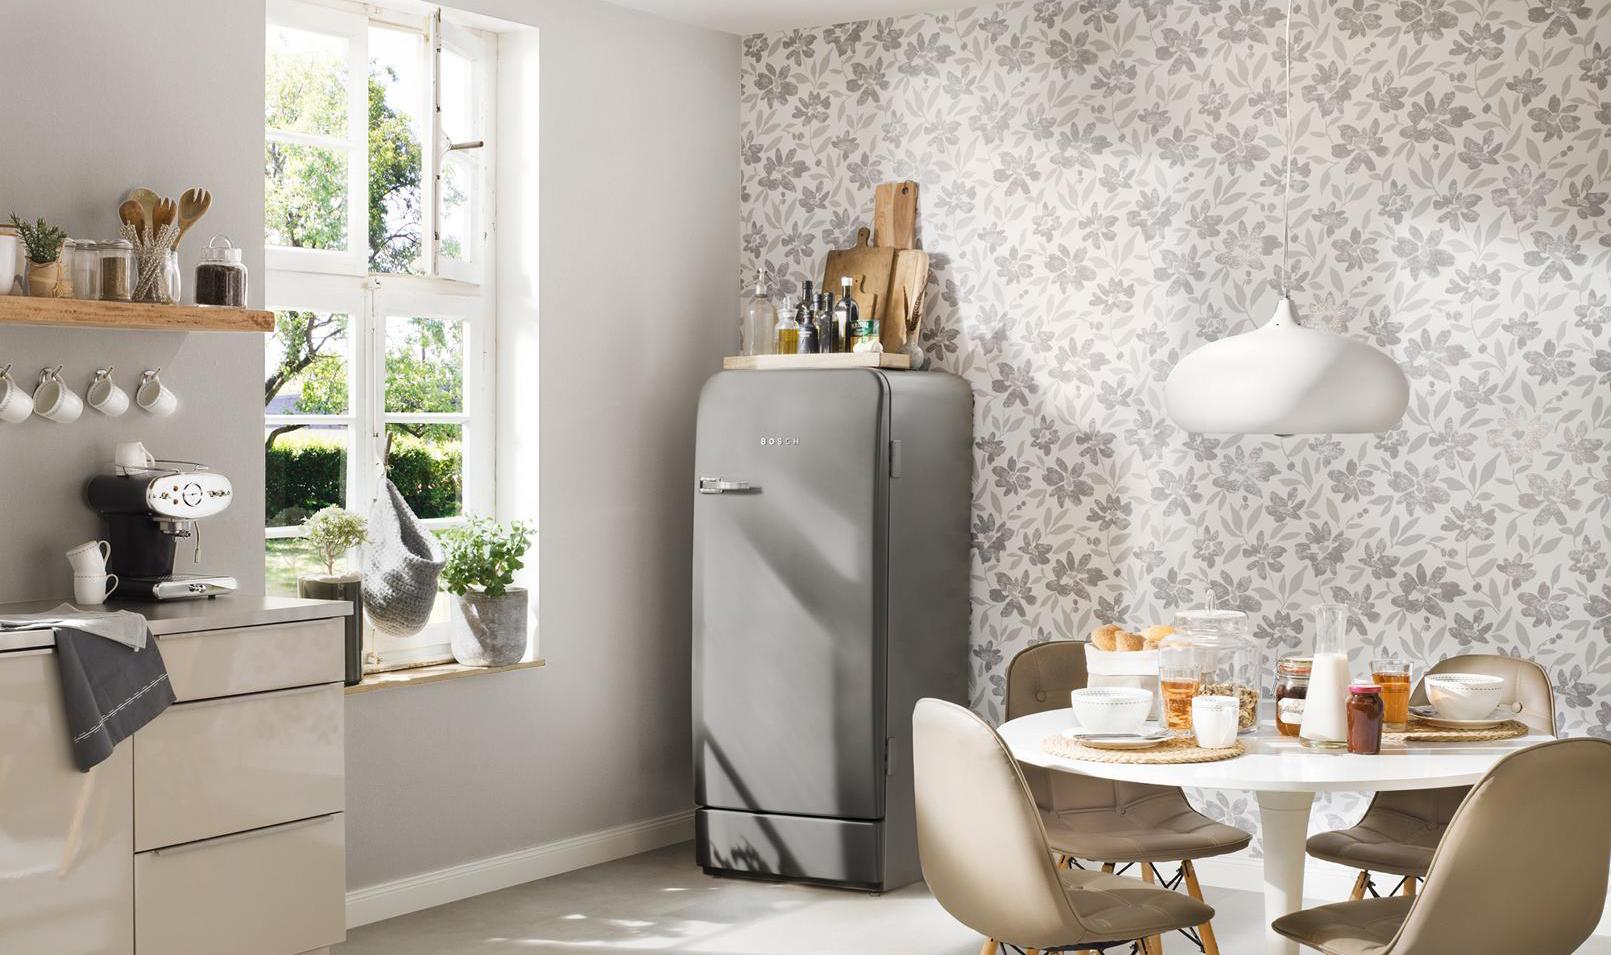 Full Size of Kchen Tapeten Online Kaufen Tapeto Wohnzimmer Küchentapeten